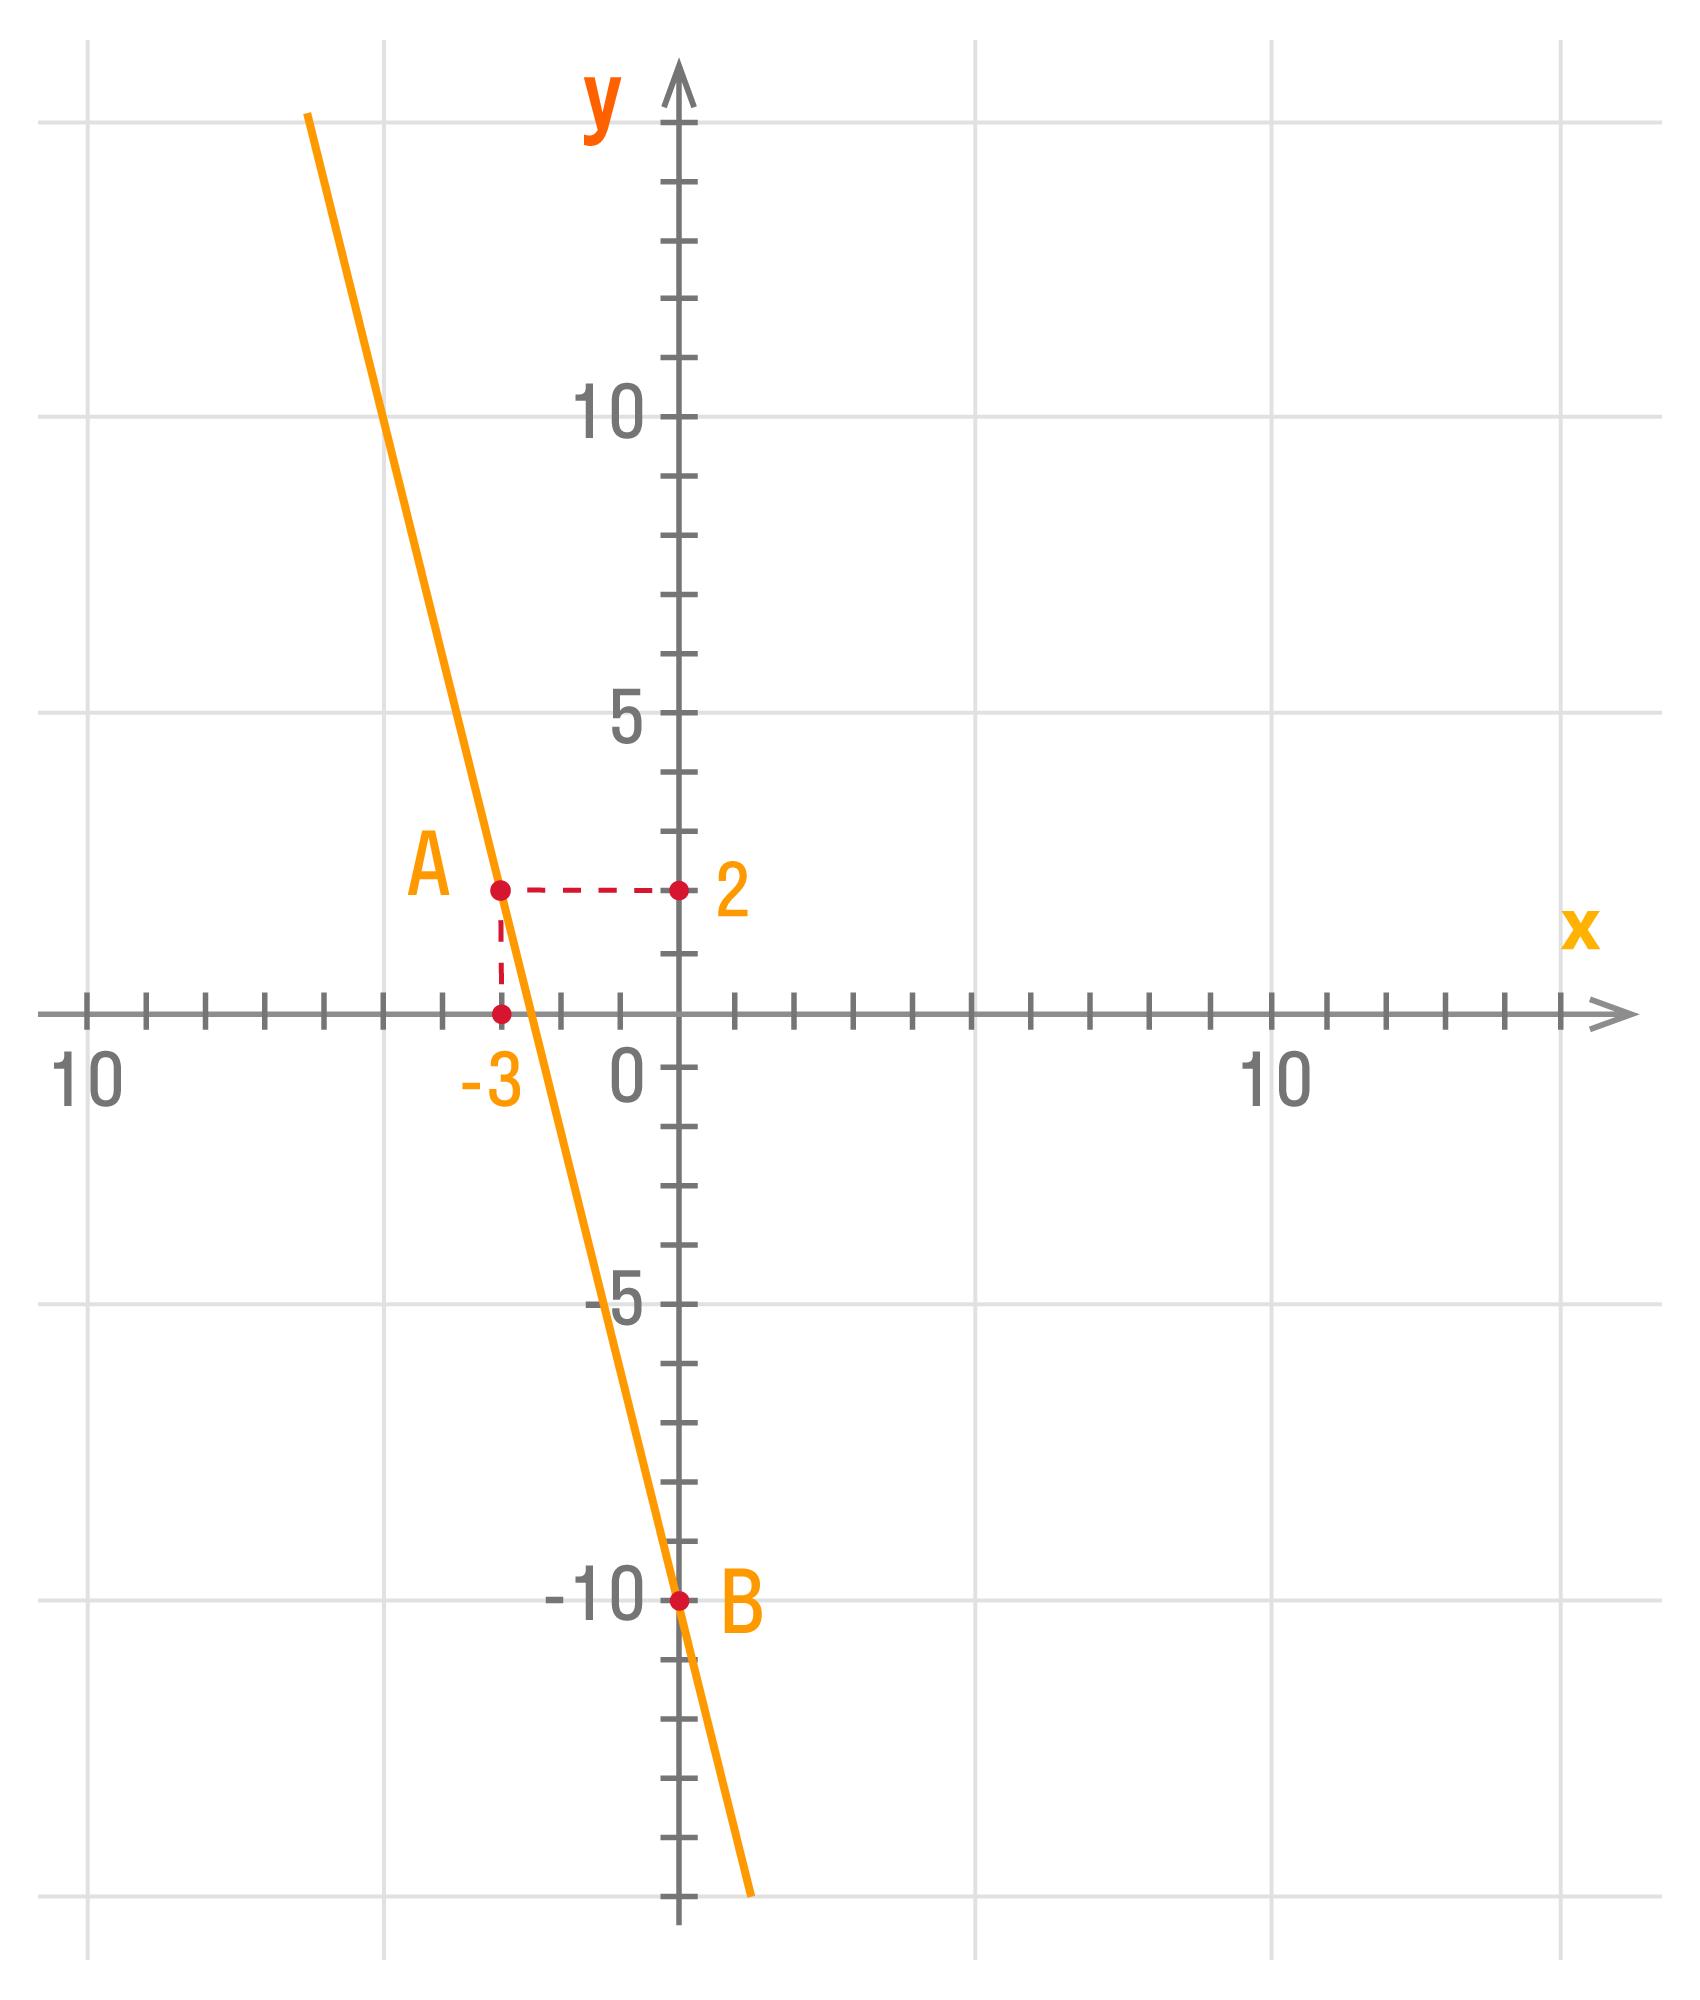 график функции y = kx + b при известных точках